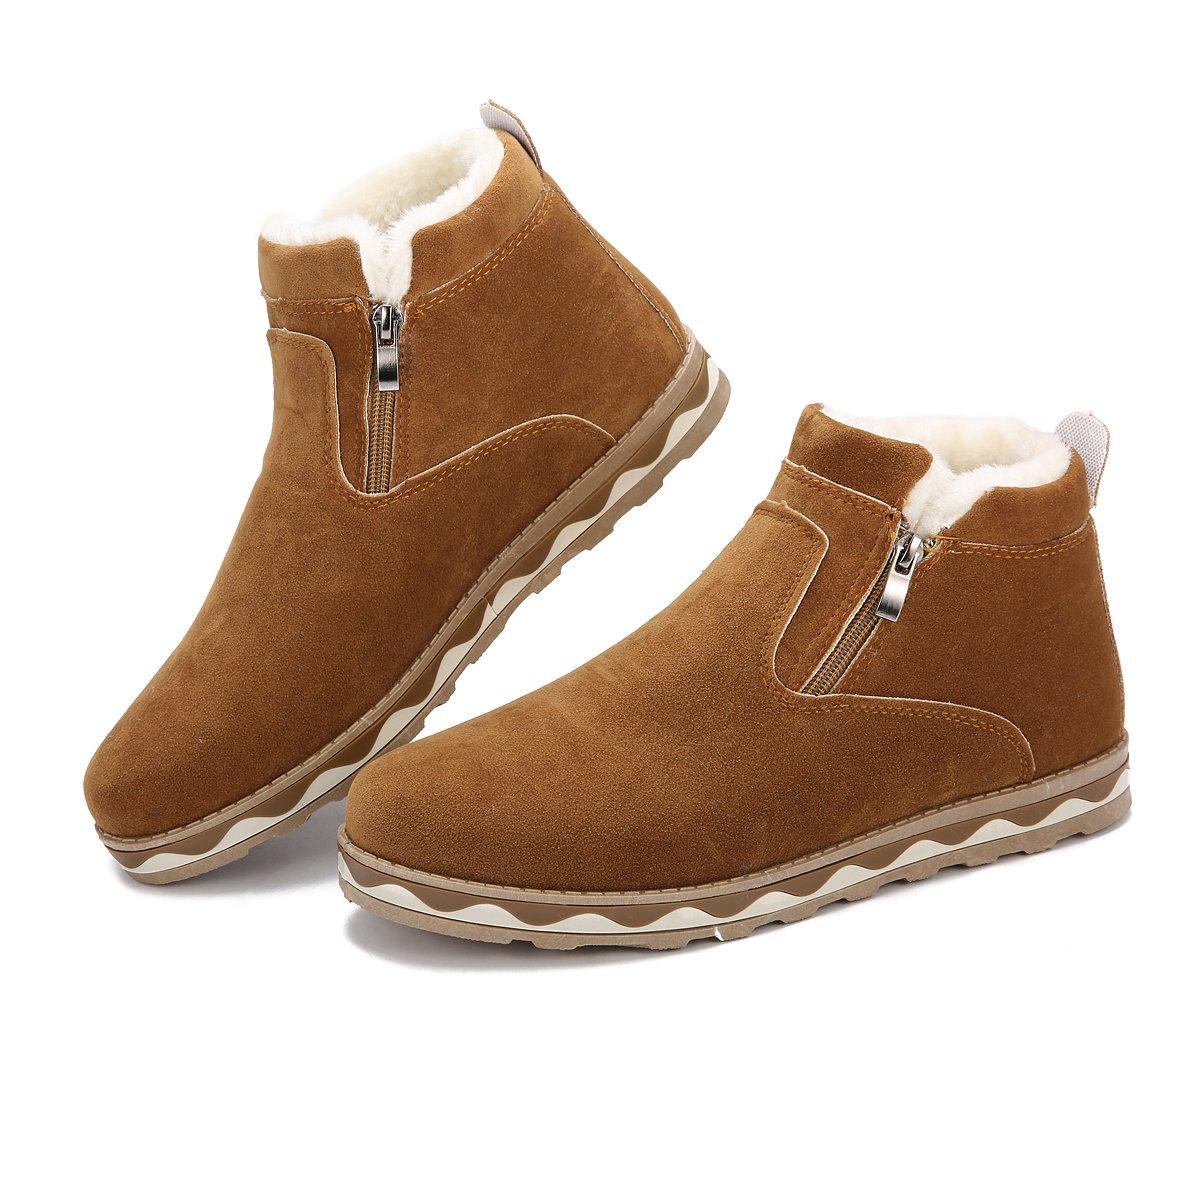 1afe17d6c04e00 Amazon.com   gracosy Men's Boots, British Style Suede Flat Platform Shoes  Plus Velvet Winter Male Lace Up Cotton Snow Boots Light Tan 7.5 D(M) US.